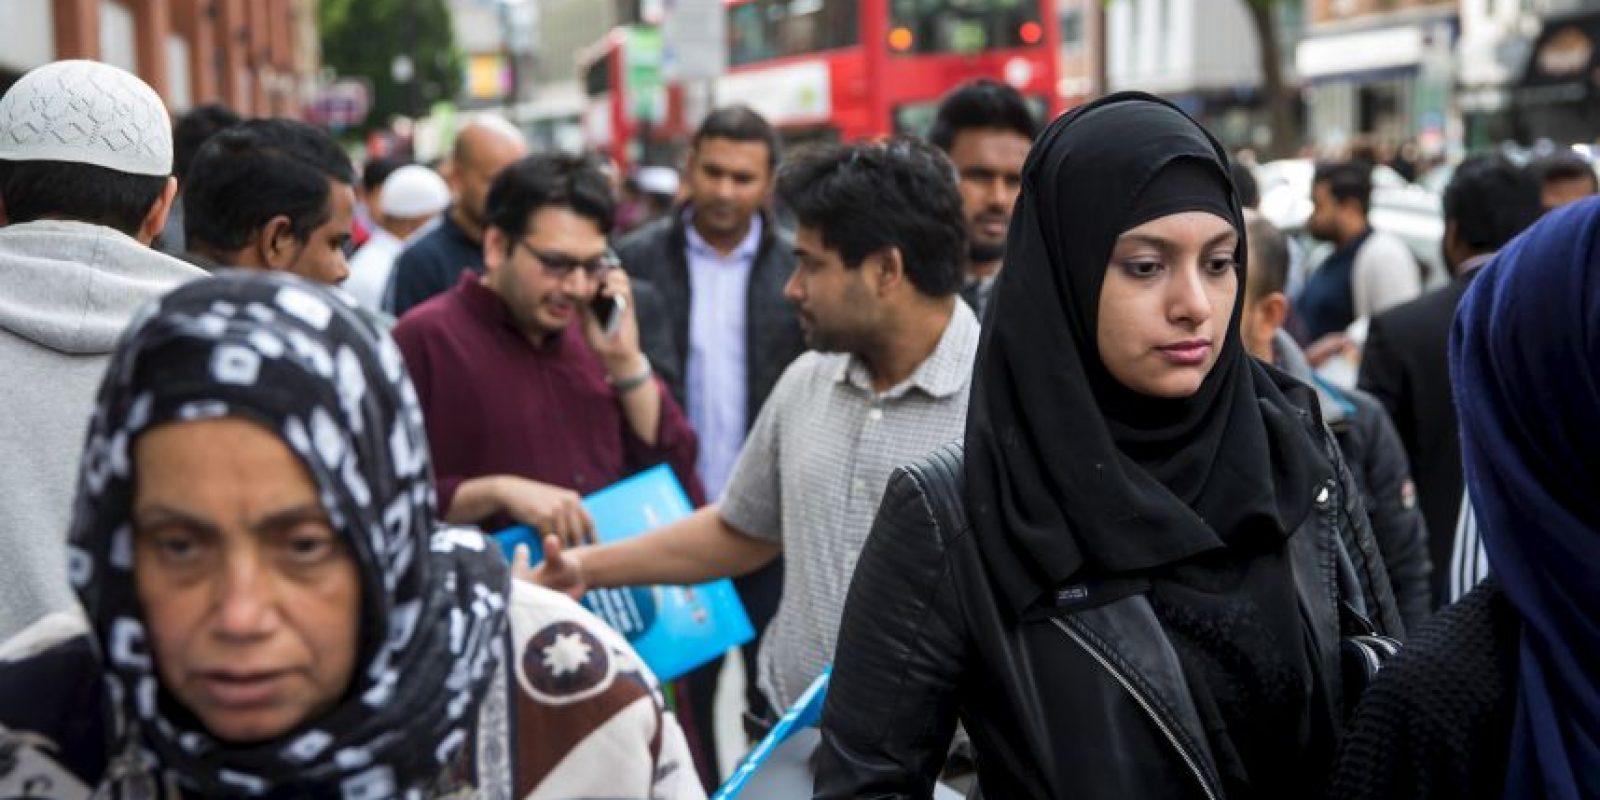 Tras los últimos ataques terroristas en Francia y Estados Unidos, a la comunidad musulmana se le ha tachado de terrorista. Foto:Getty Images